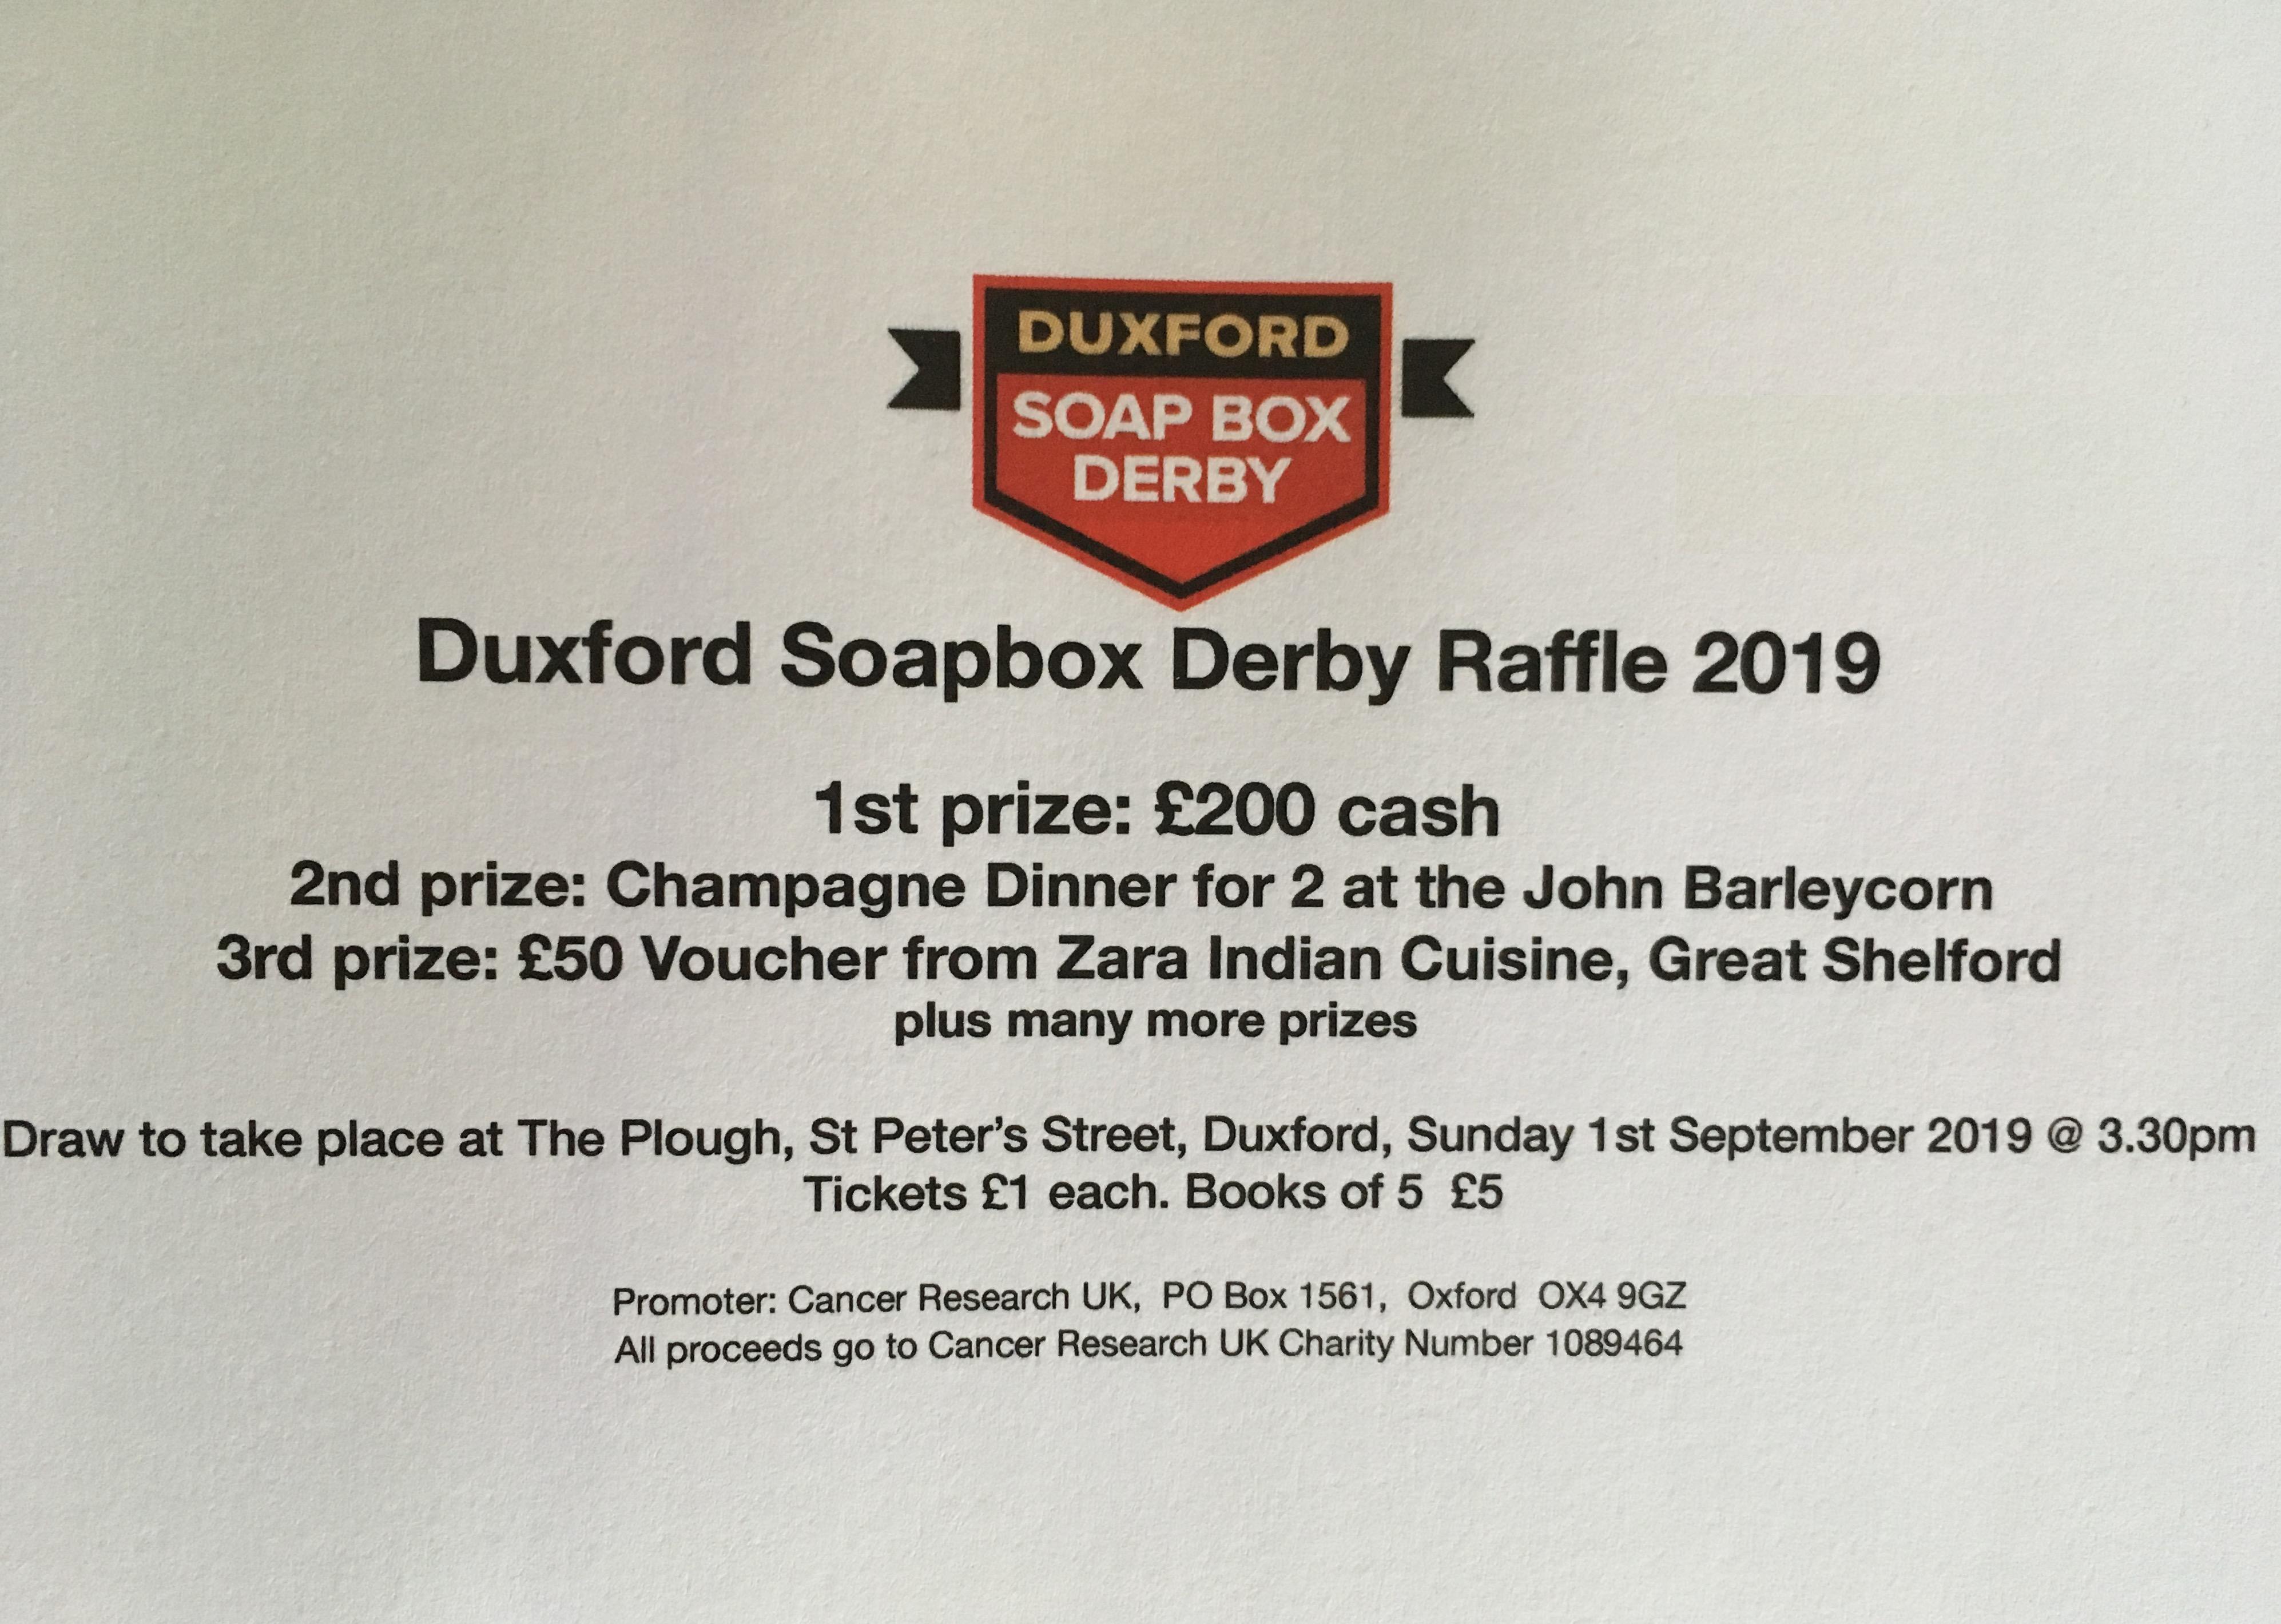 Soapbox derby raffle tickets